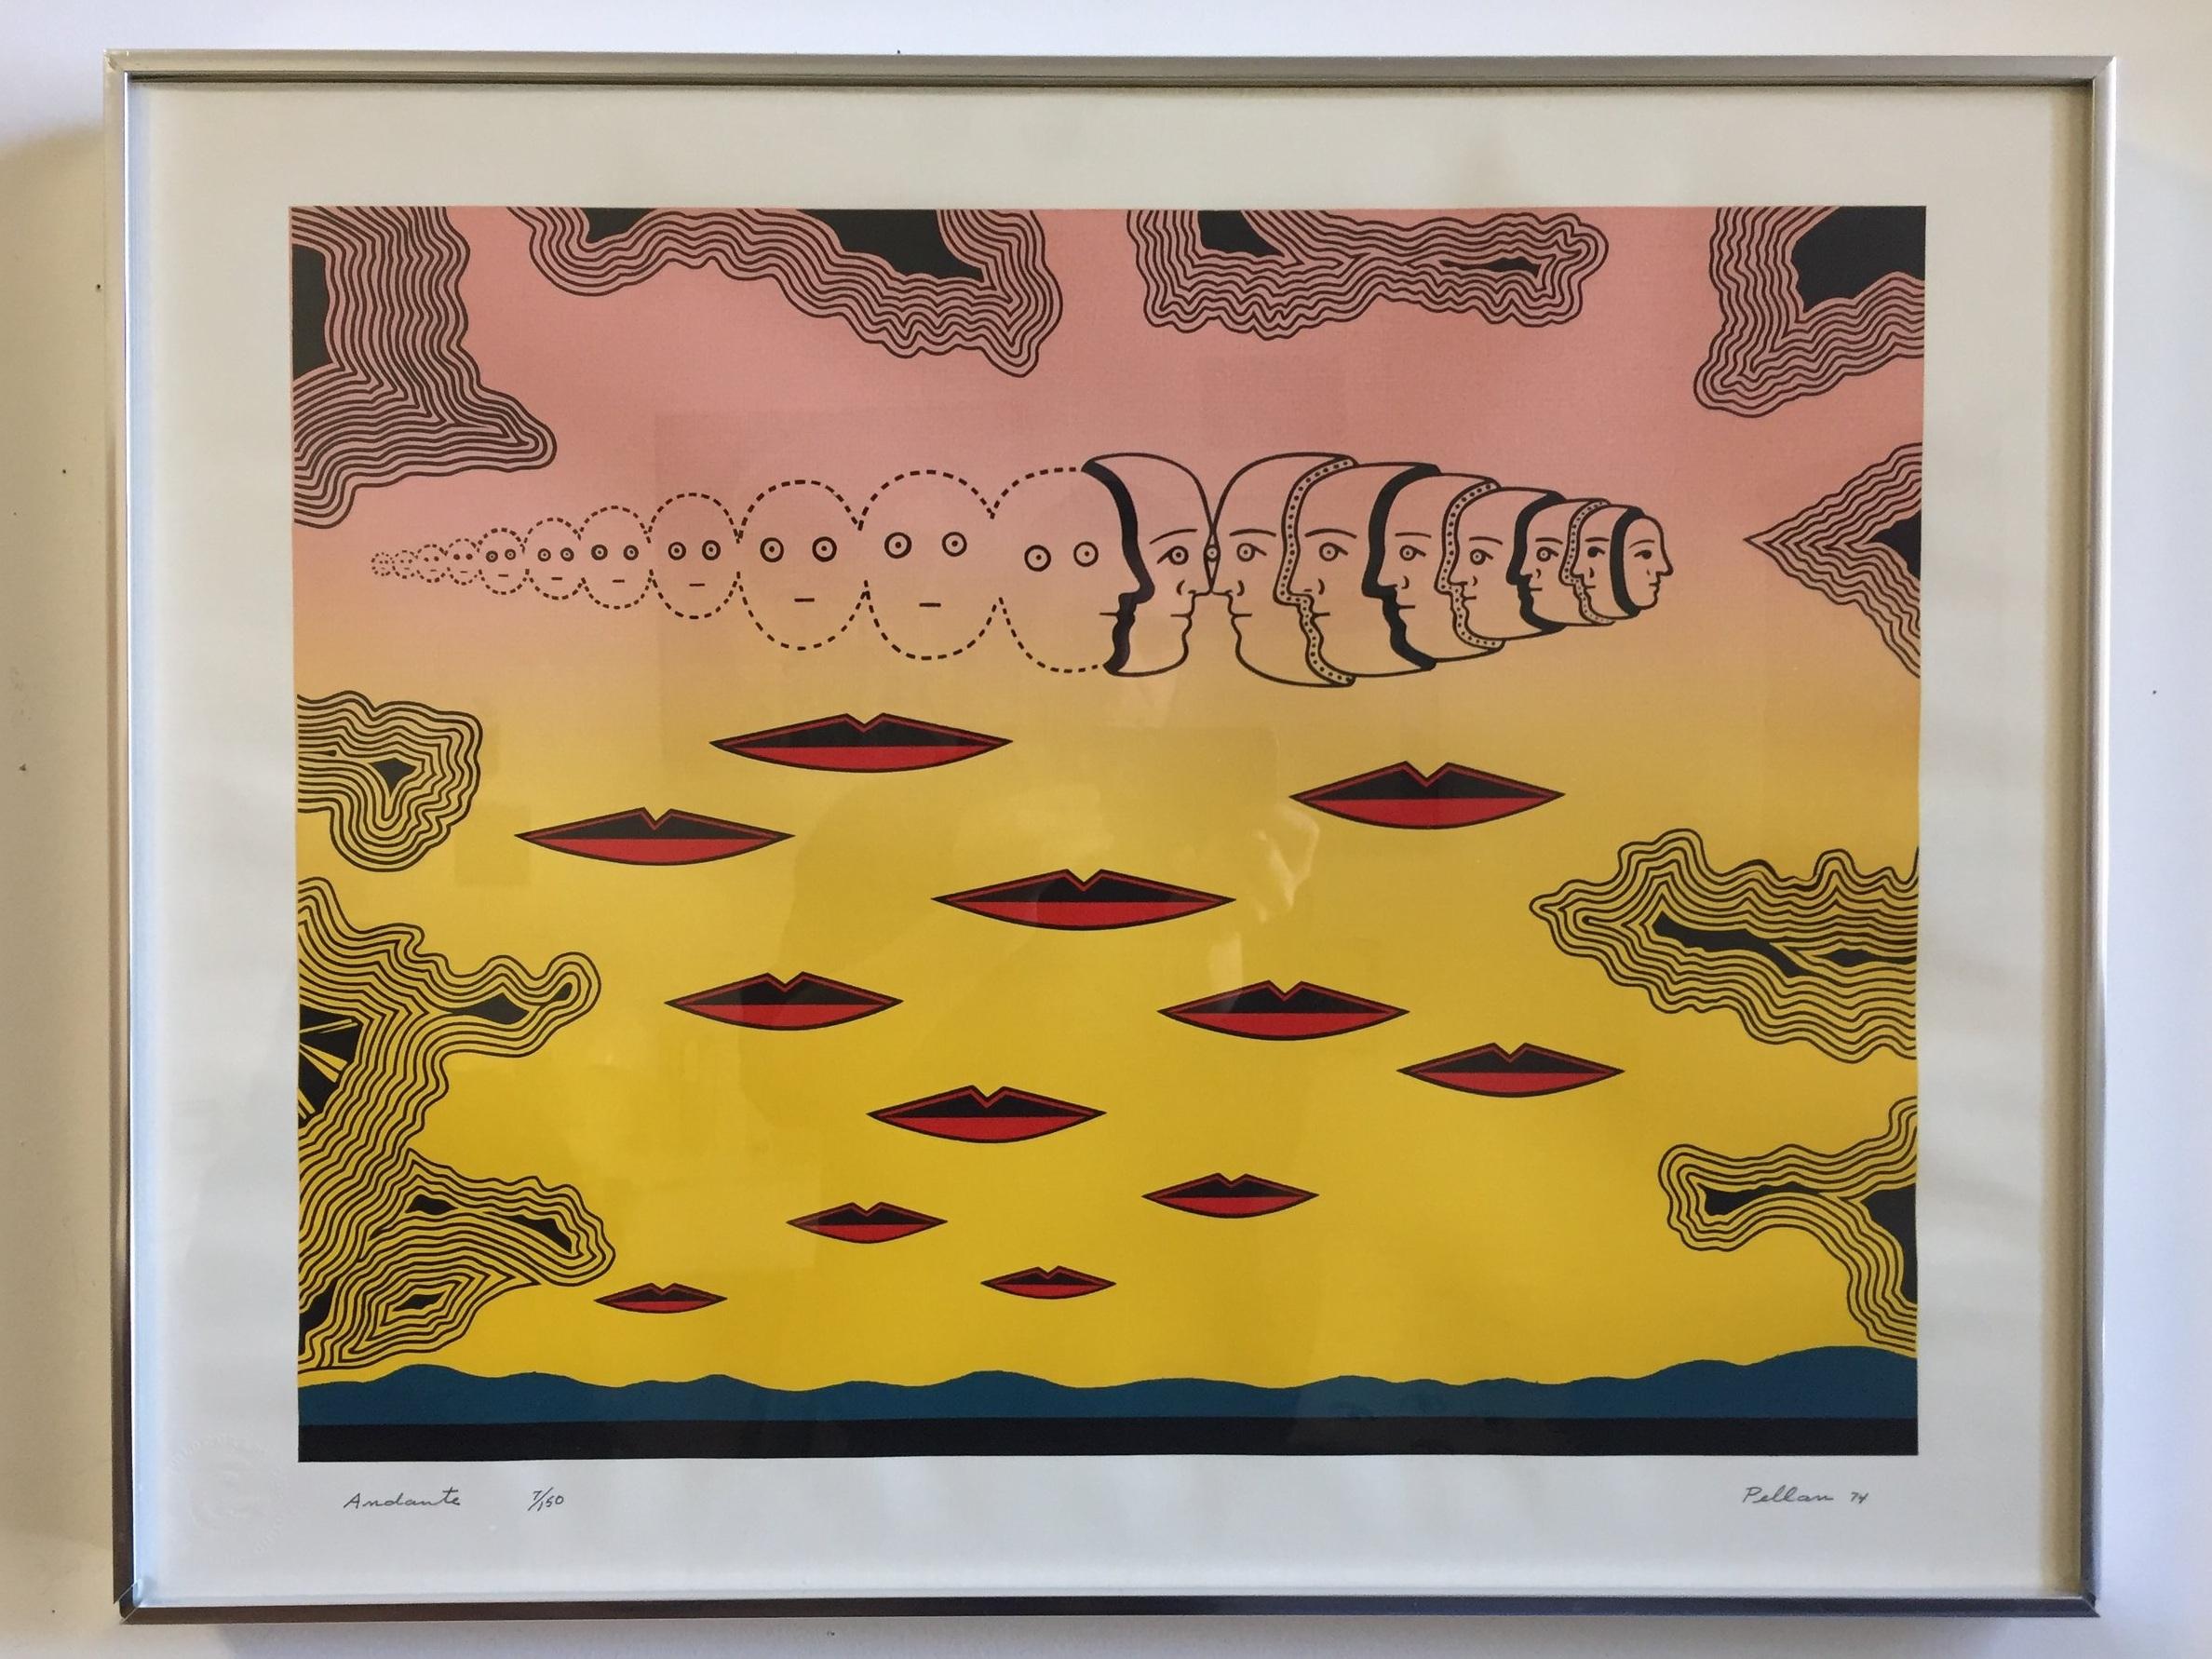 Alfred pellan (1906-1988) 'andante' - Silkscreen1970, edition 7/15020